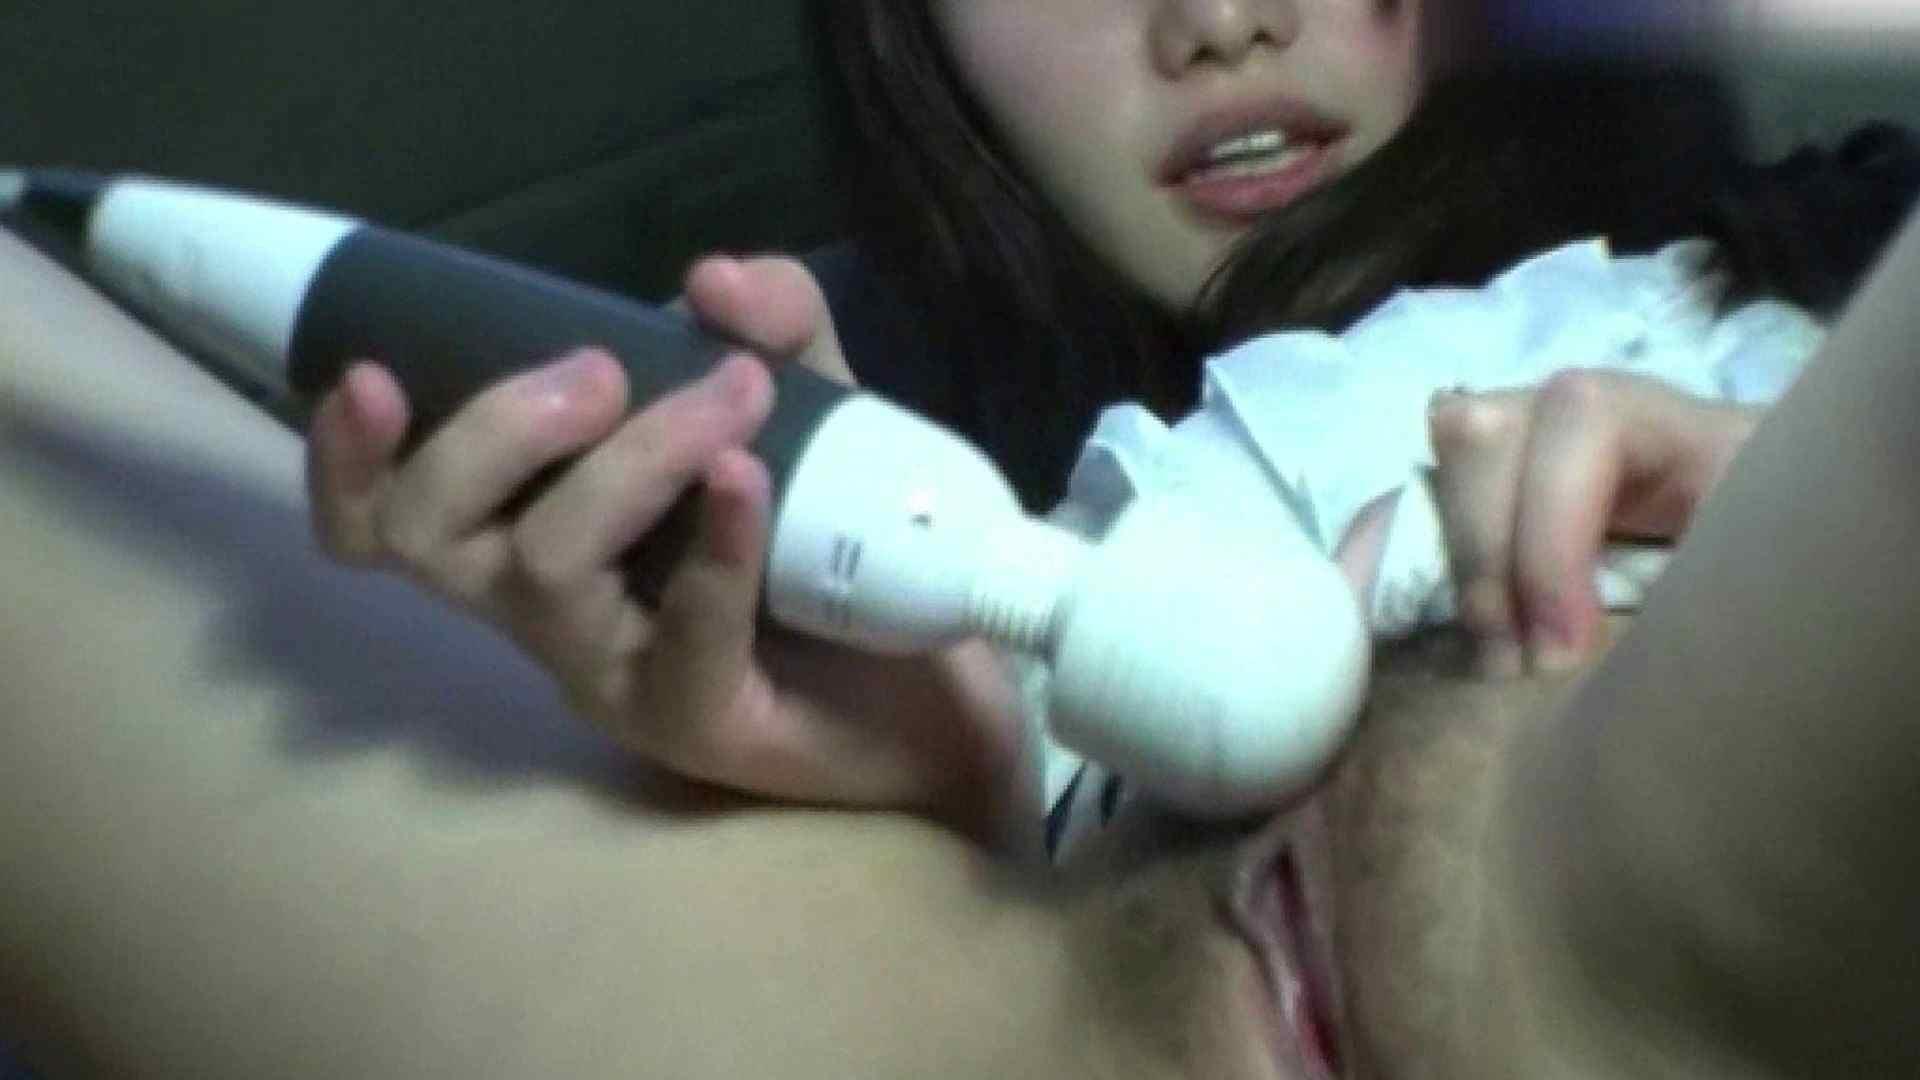 アヘ顔のわたしってどうかしら Vol.044 流出作品 オマンコ無修正動画無料 61pic 12